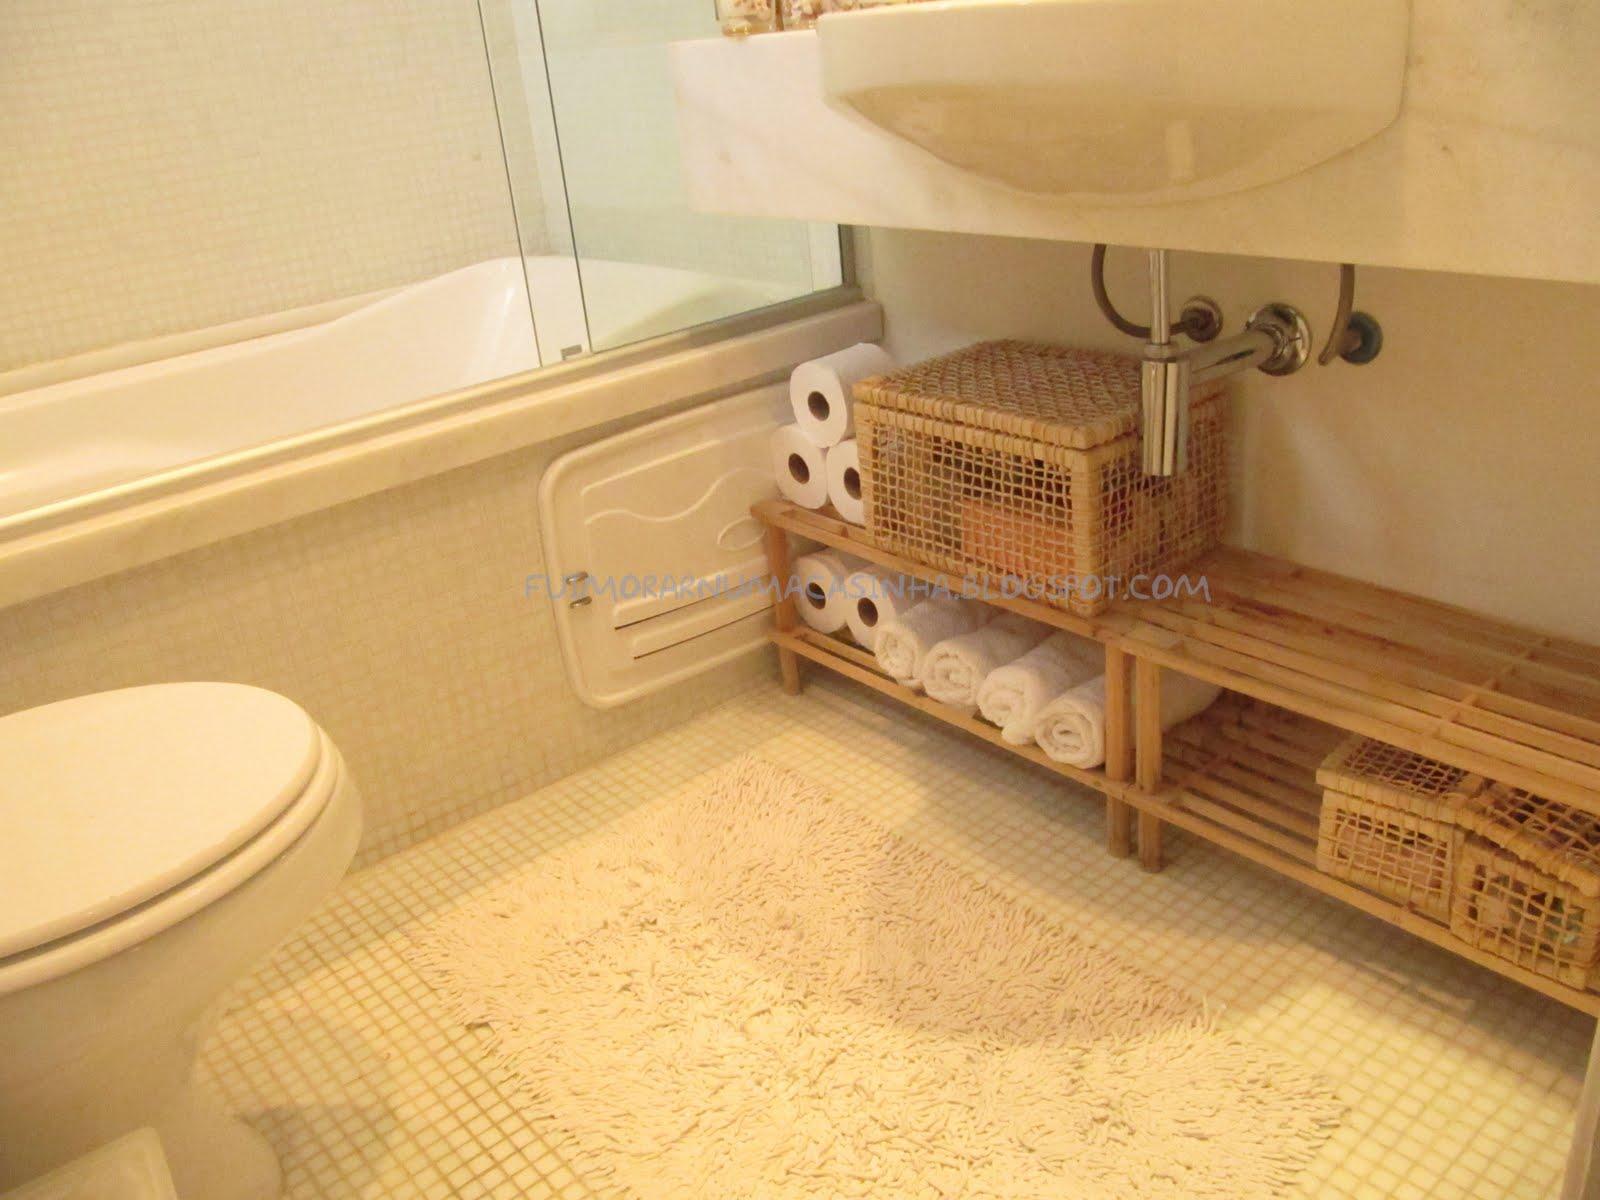 Fui Morar Numa Casinha -> Gabinete De Banheiro Etna